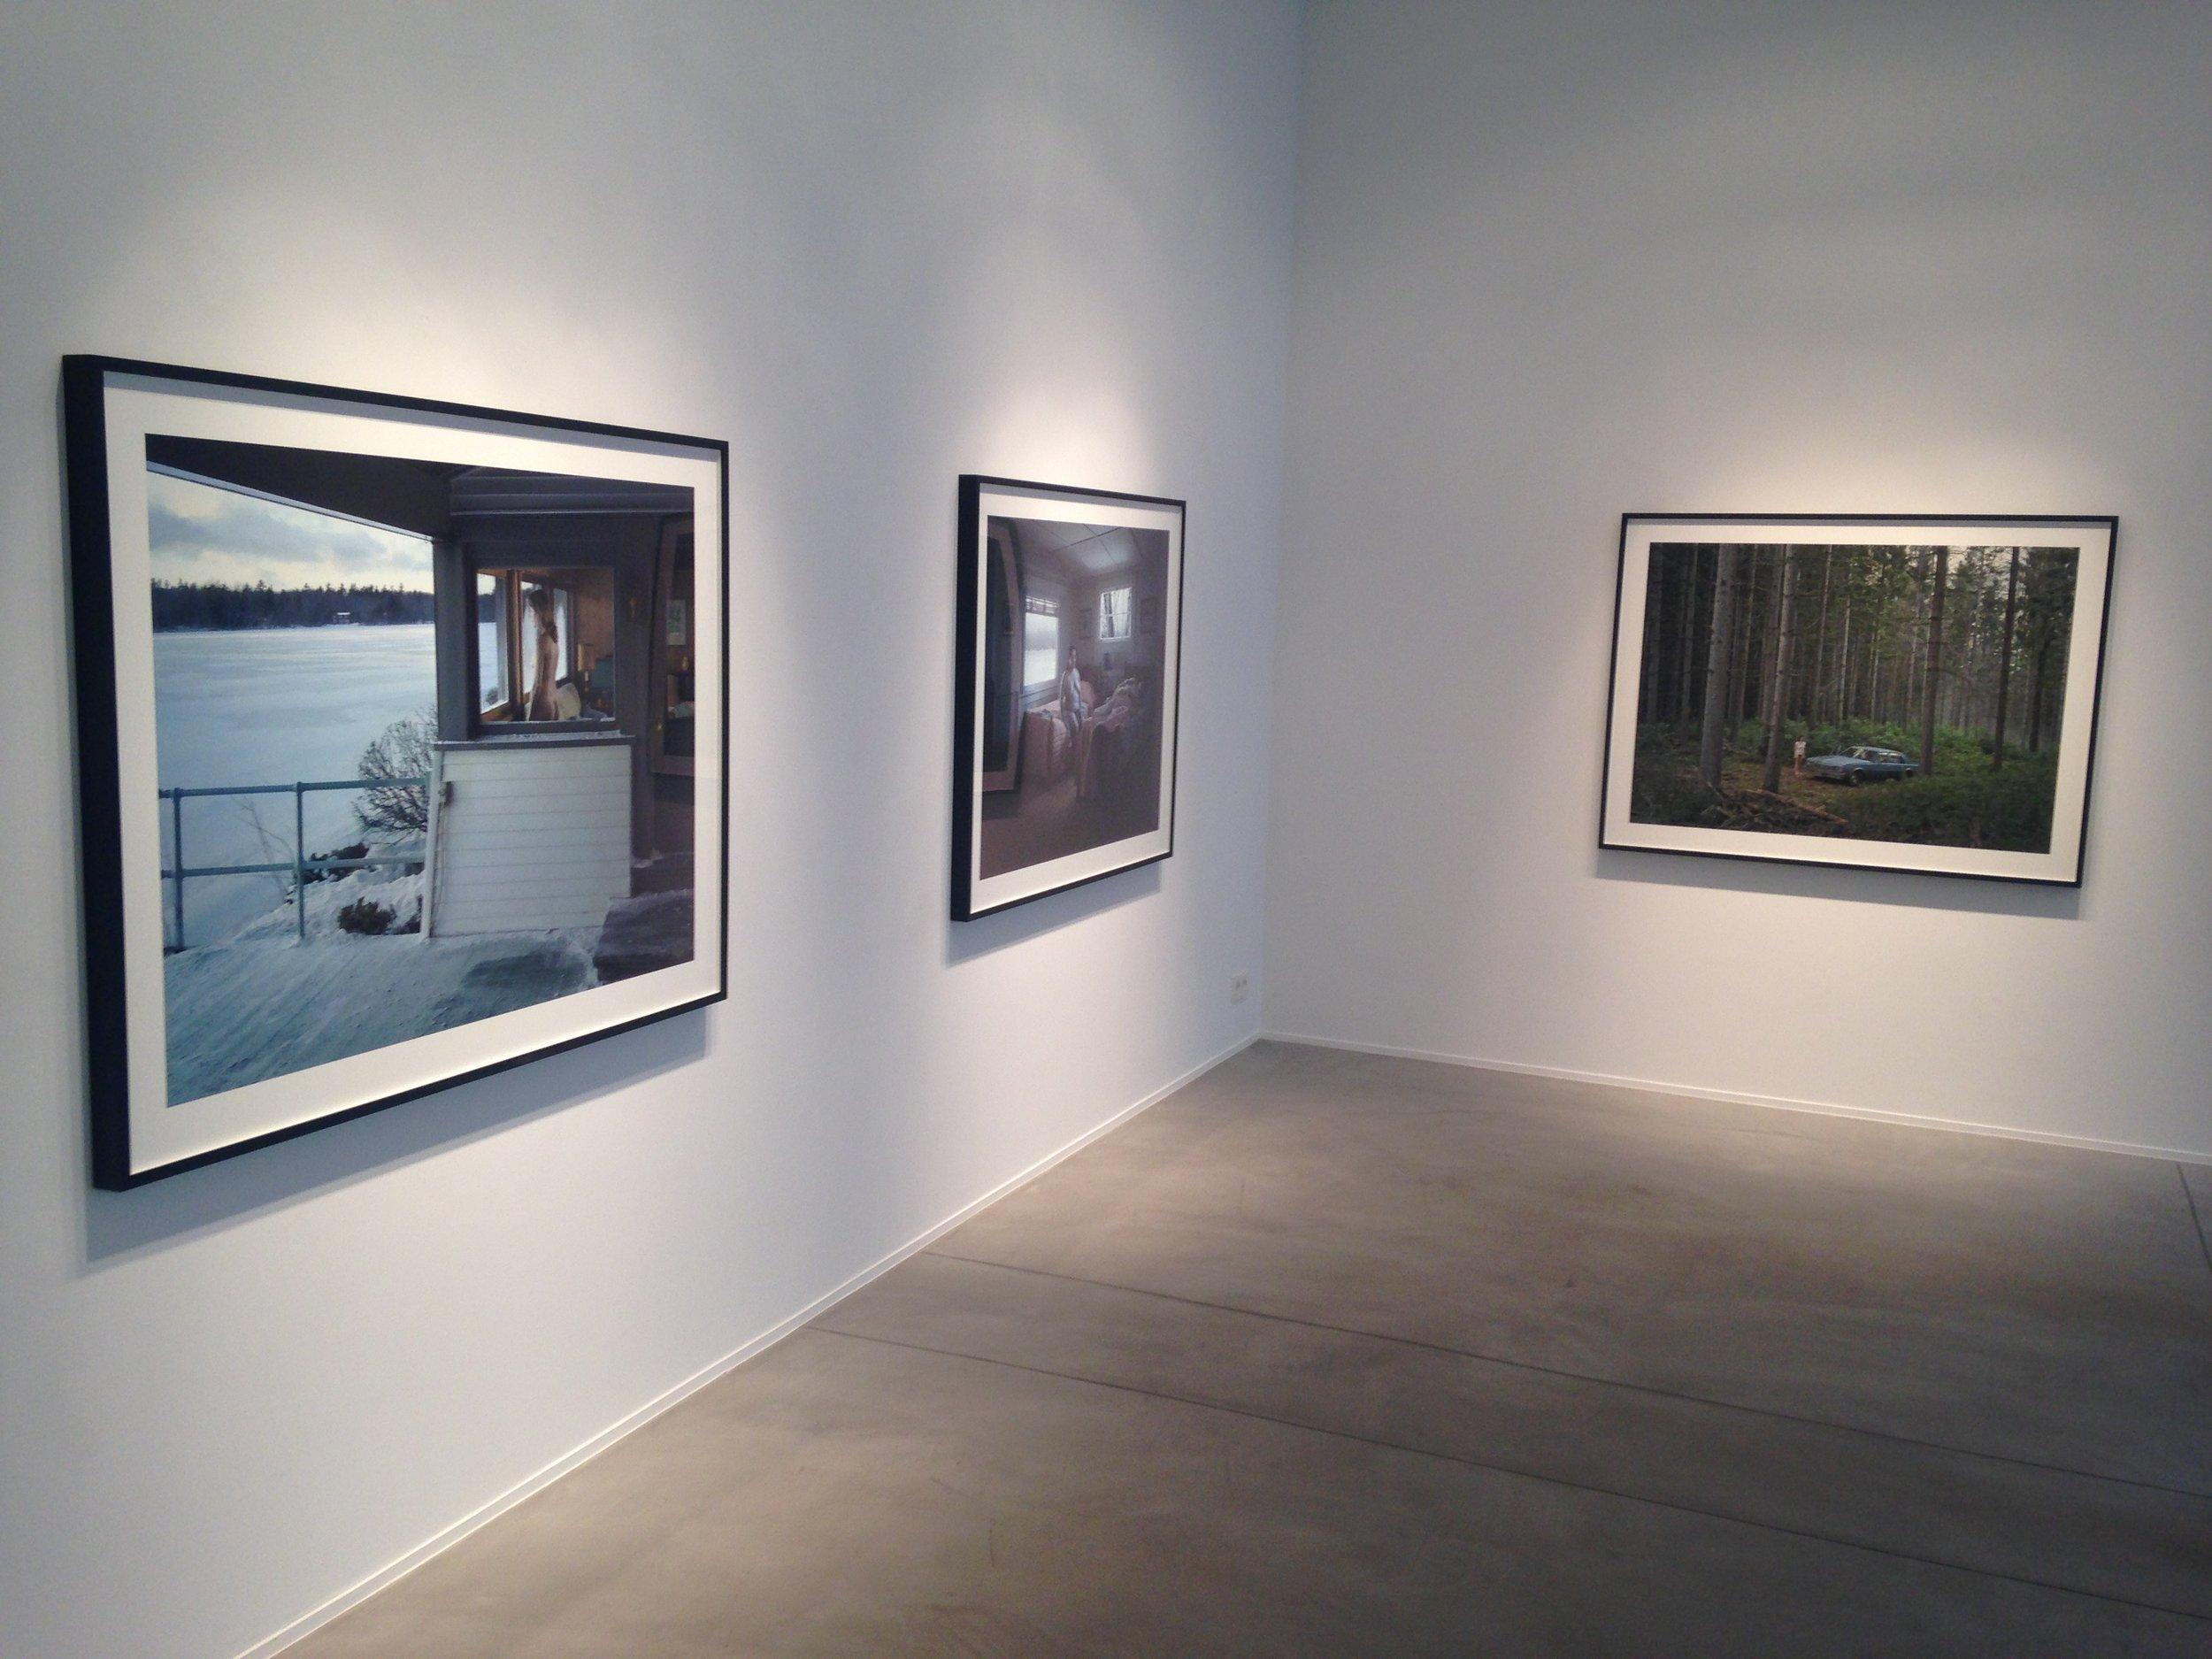 """Vue de l'installation de """"The Cathedral of the Pines"""" de Gregory Crewdson, Galerie Daniel Templon, 13A Rue Veydt, Bruxelles."""